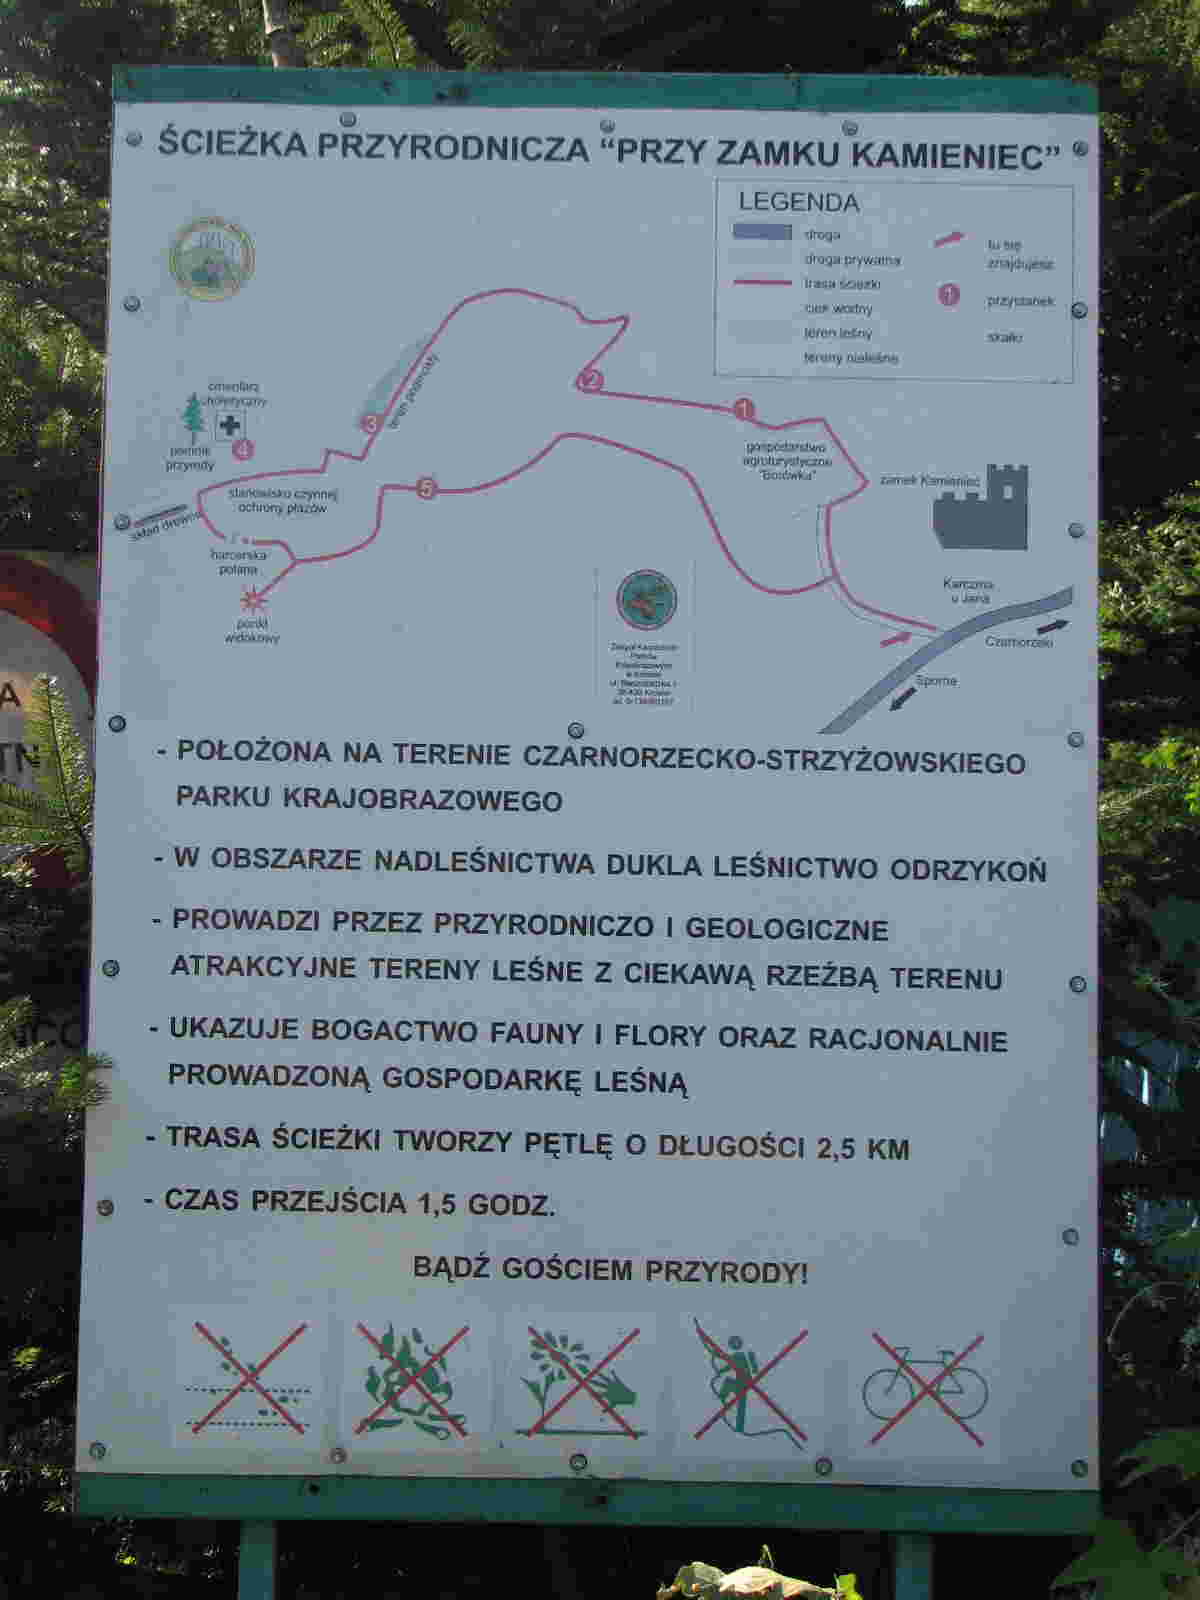 Szlak koło Zamku Kamieniec